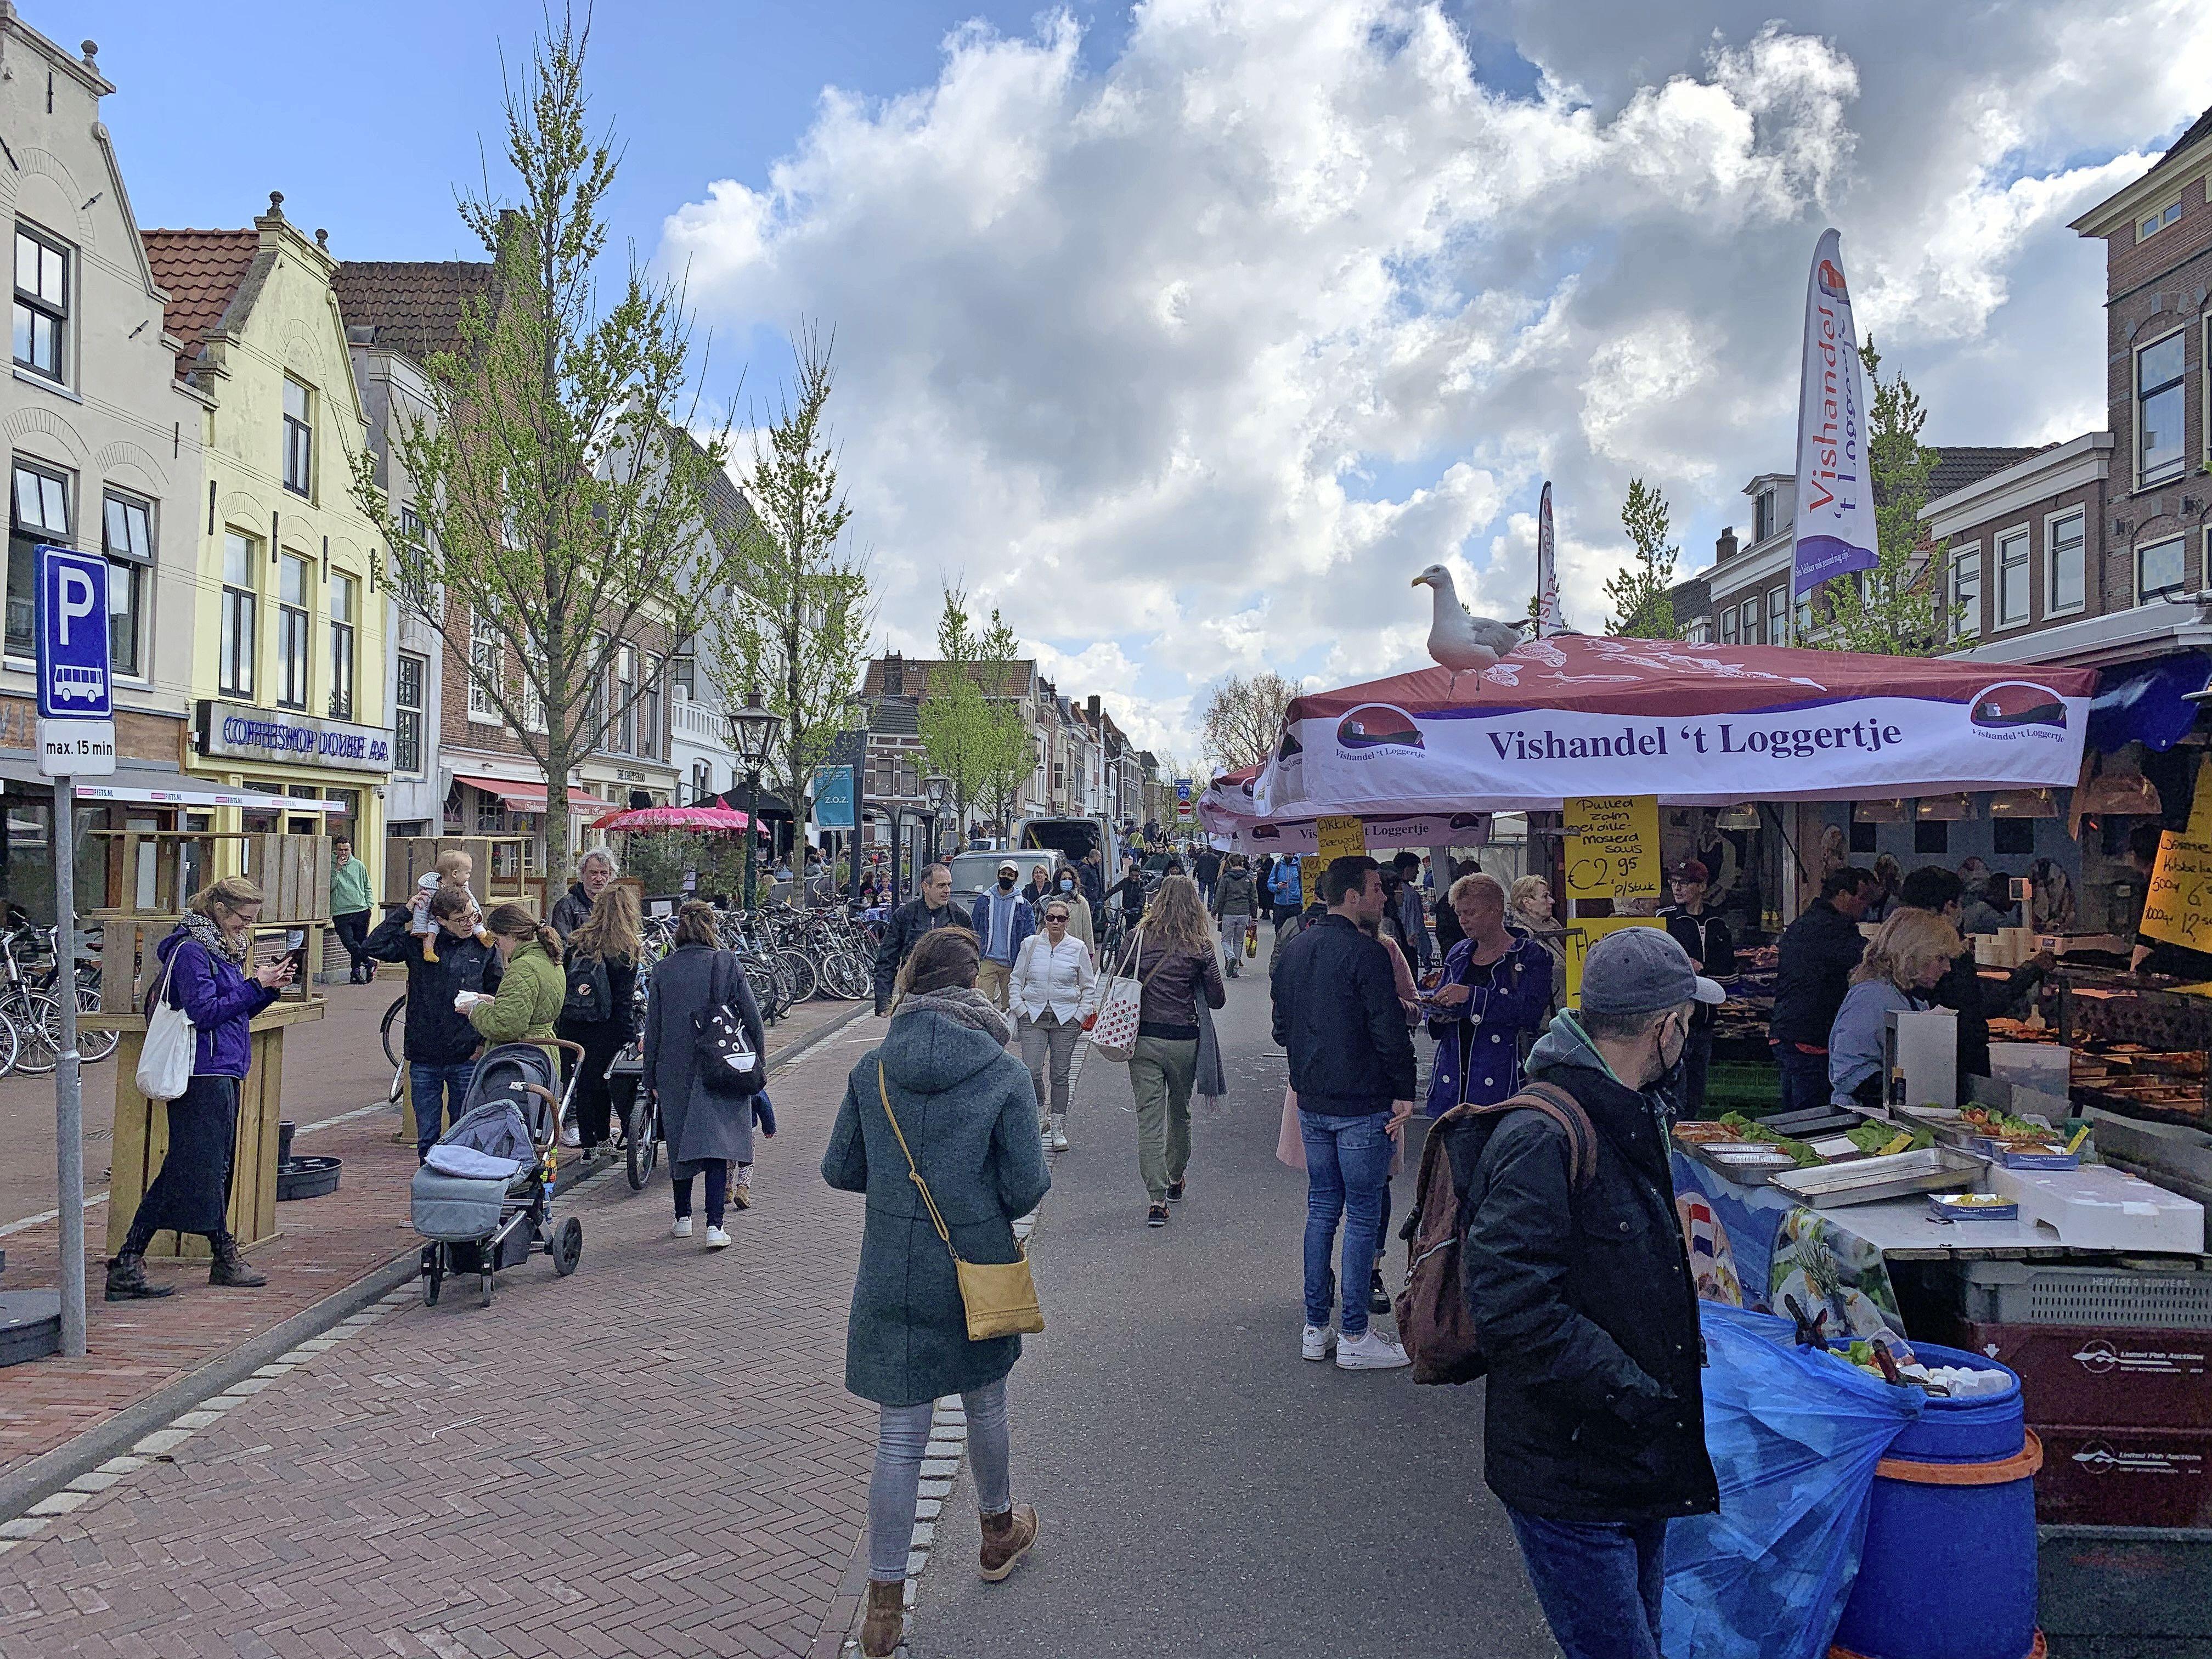 Nederlanders massaal aan het shoppen in eerste weekend na versoepelingen. Leiden roept op om niet meer naar de binnenstad te komen